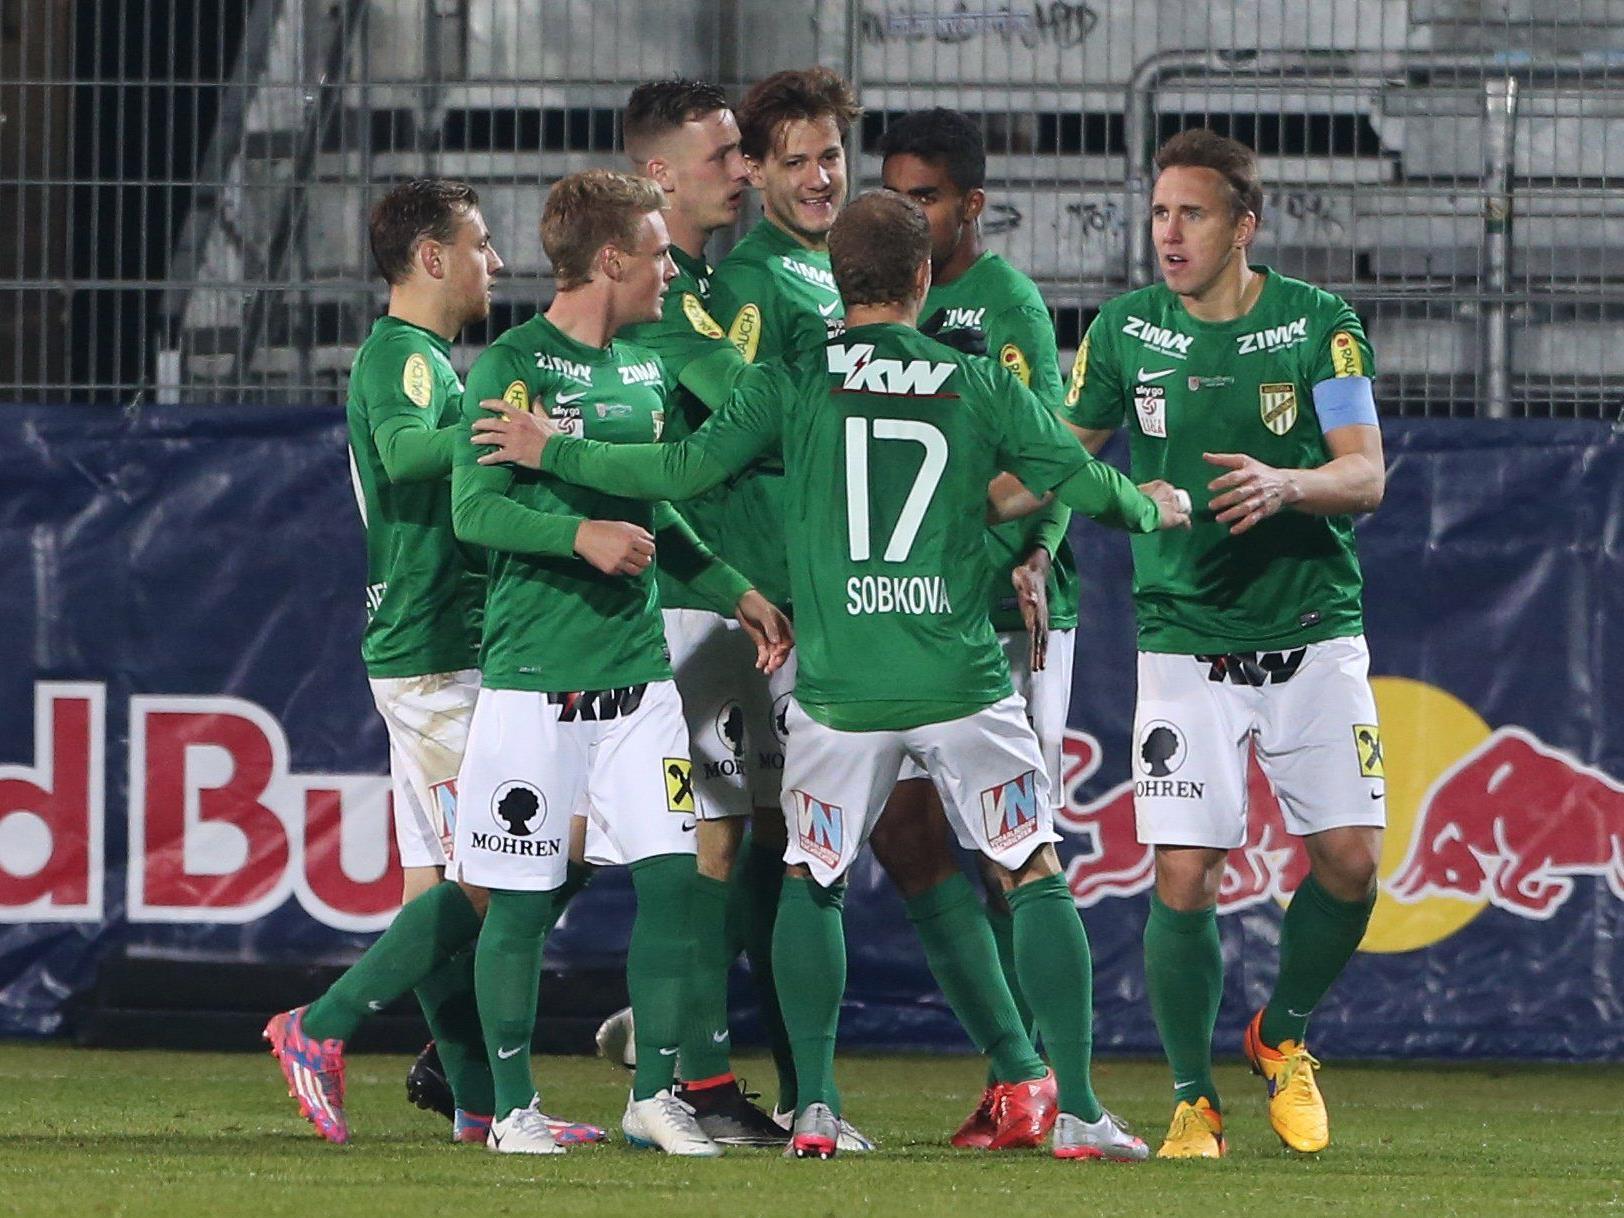 18. Runde in der Ersten Liga: Austria Lustenau gegen Austria Klagenfurt.